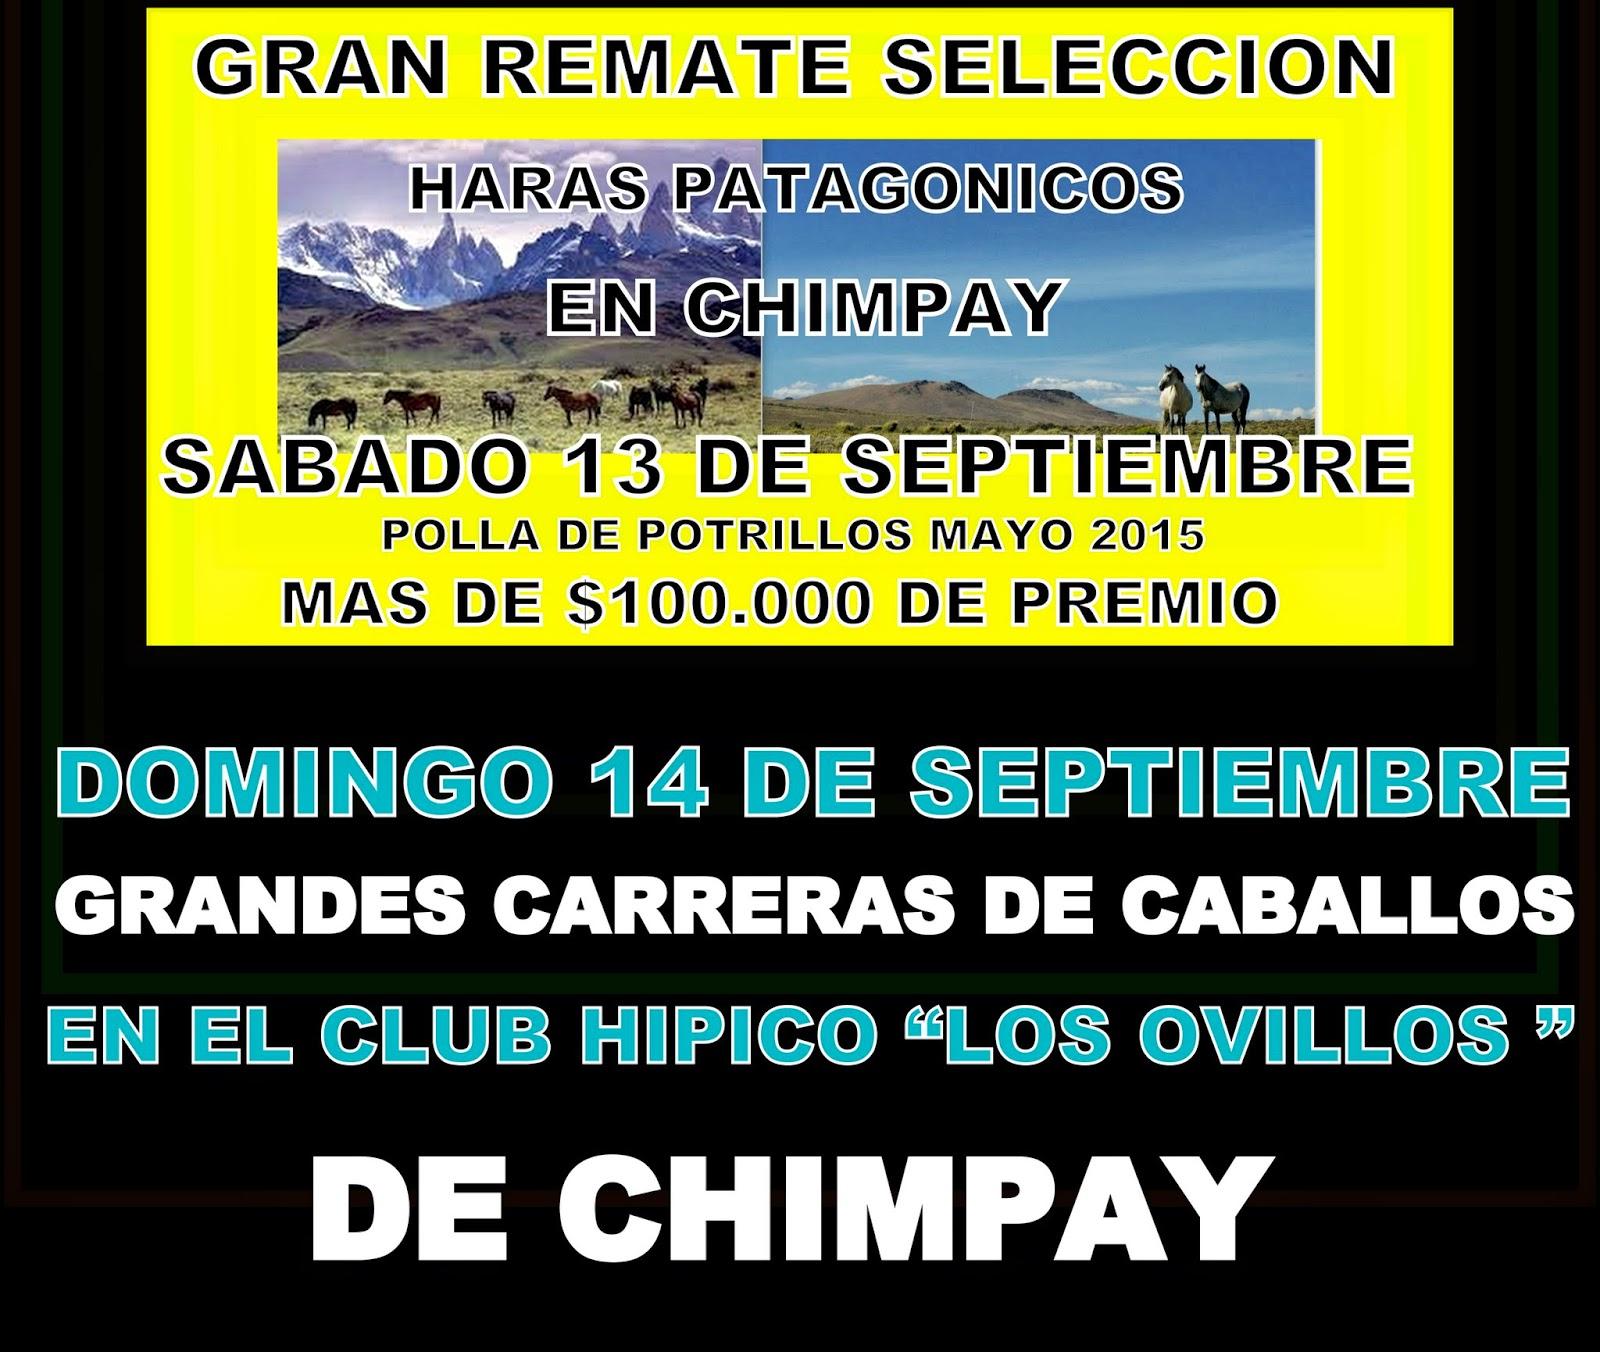 http://turfdelapatagonia.blogspot.com.ar/2014/08/13-y-1409-carreras-de-caballos-y-remate.html